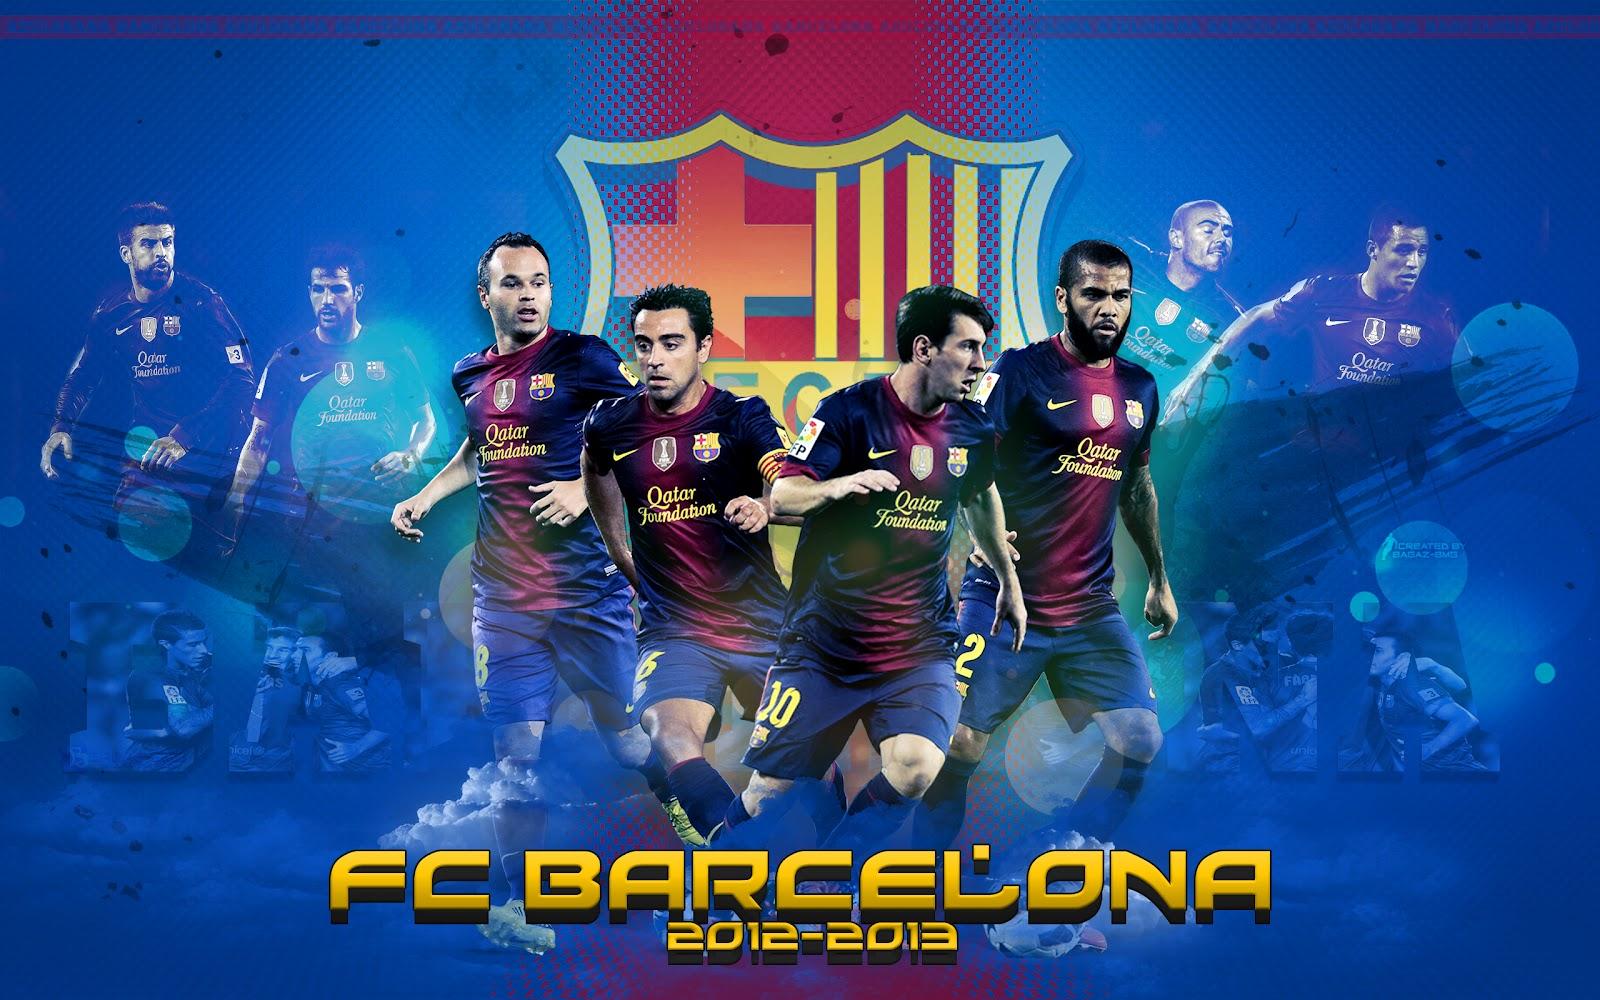 mengenal club Barcelona? FC Barcelona – juga dikenal sebagai Barça